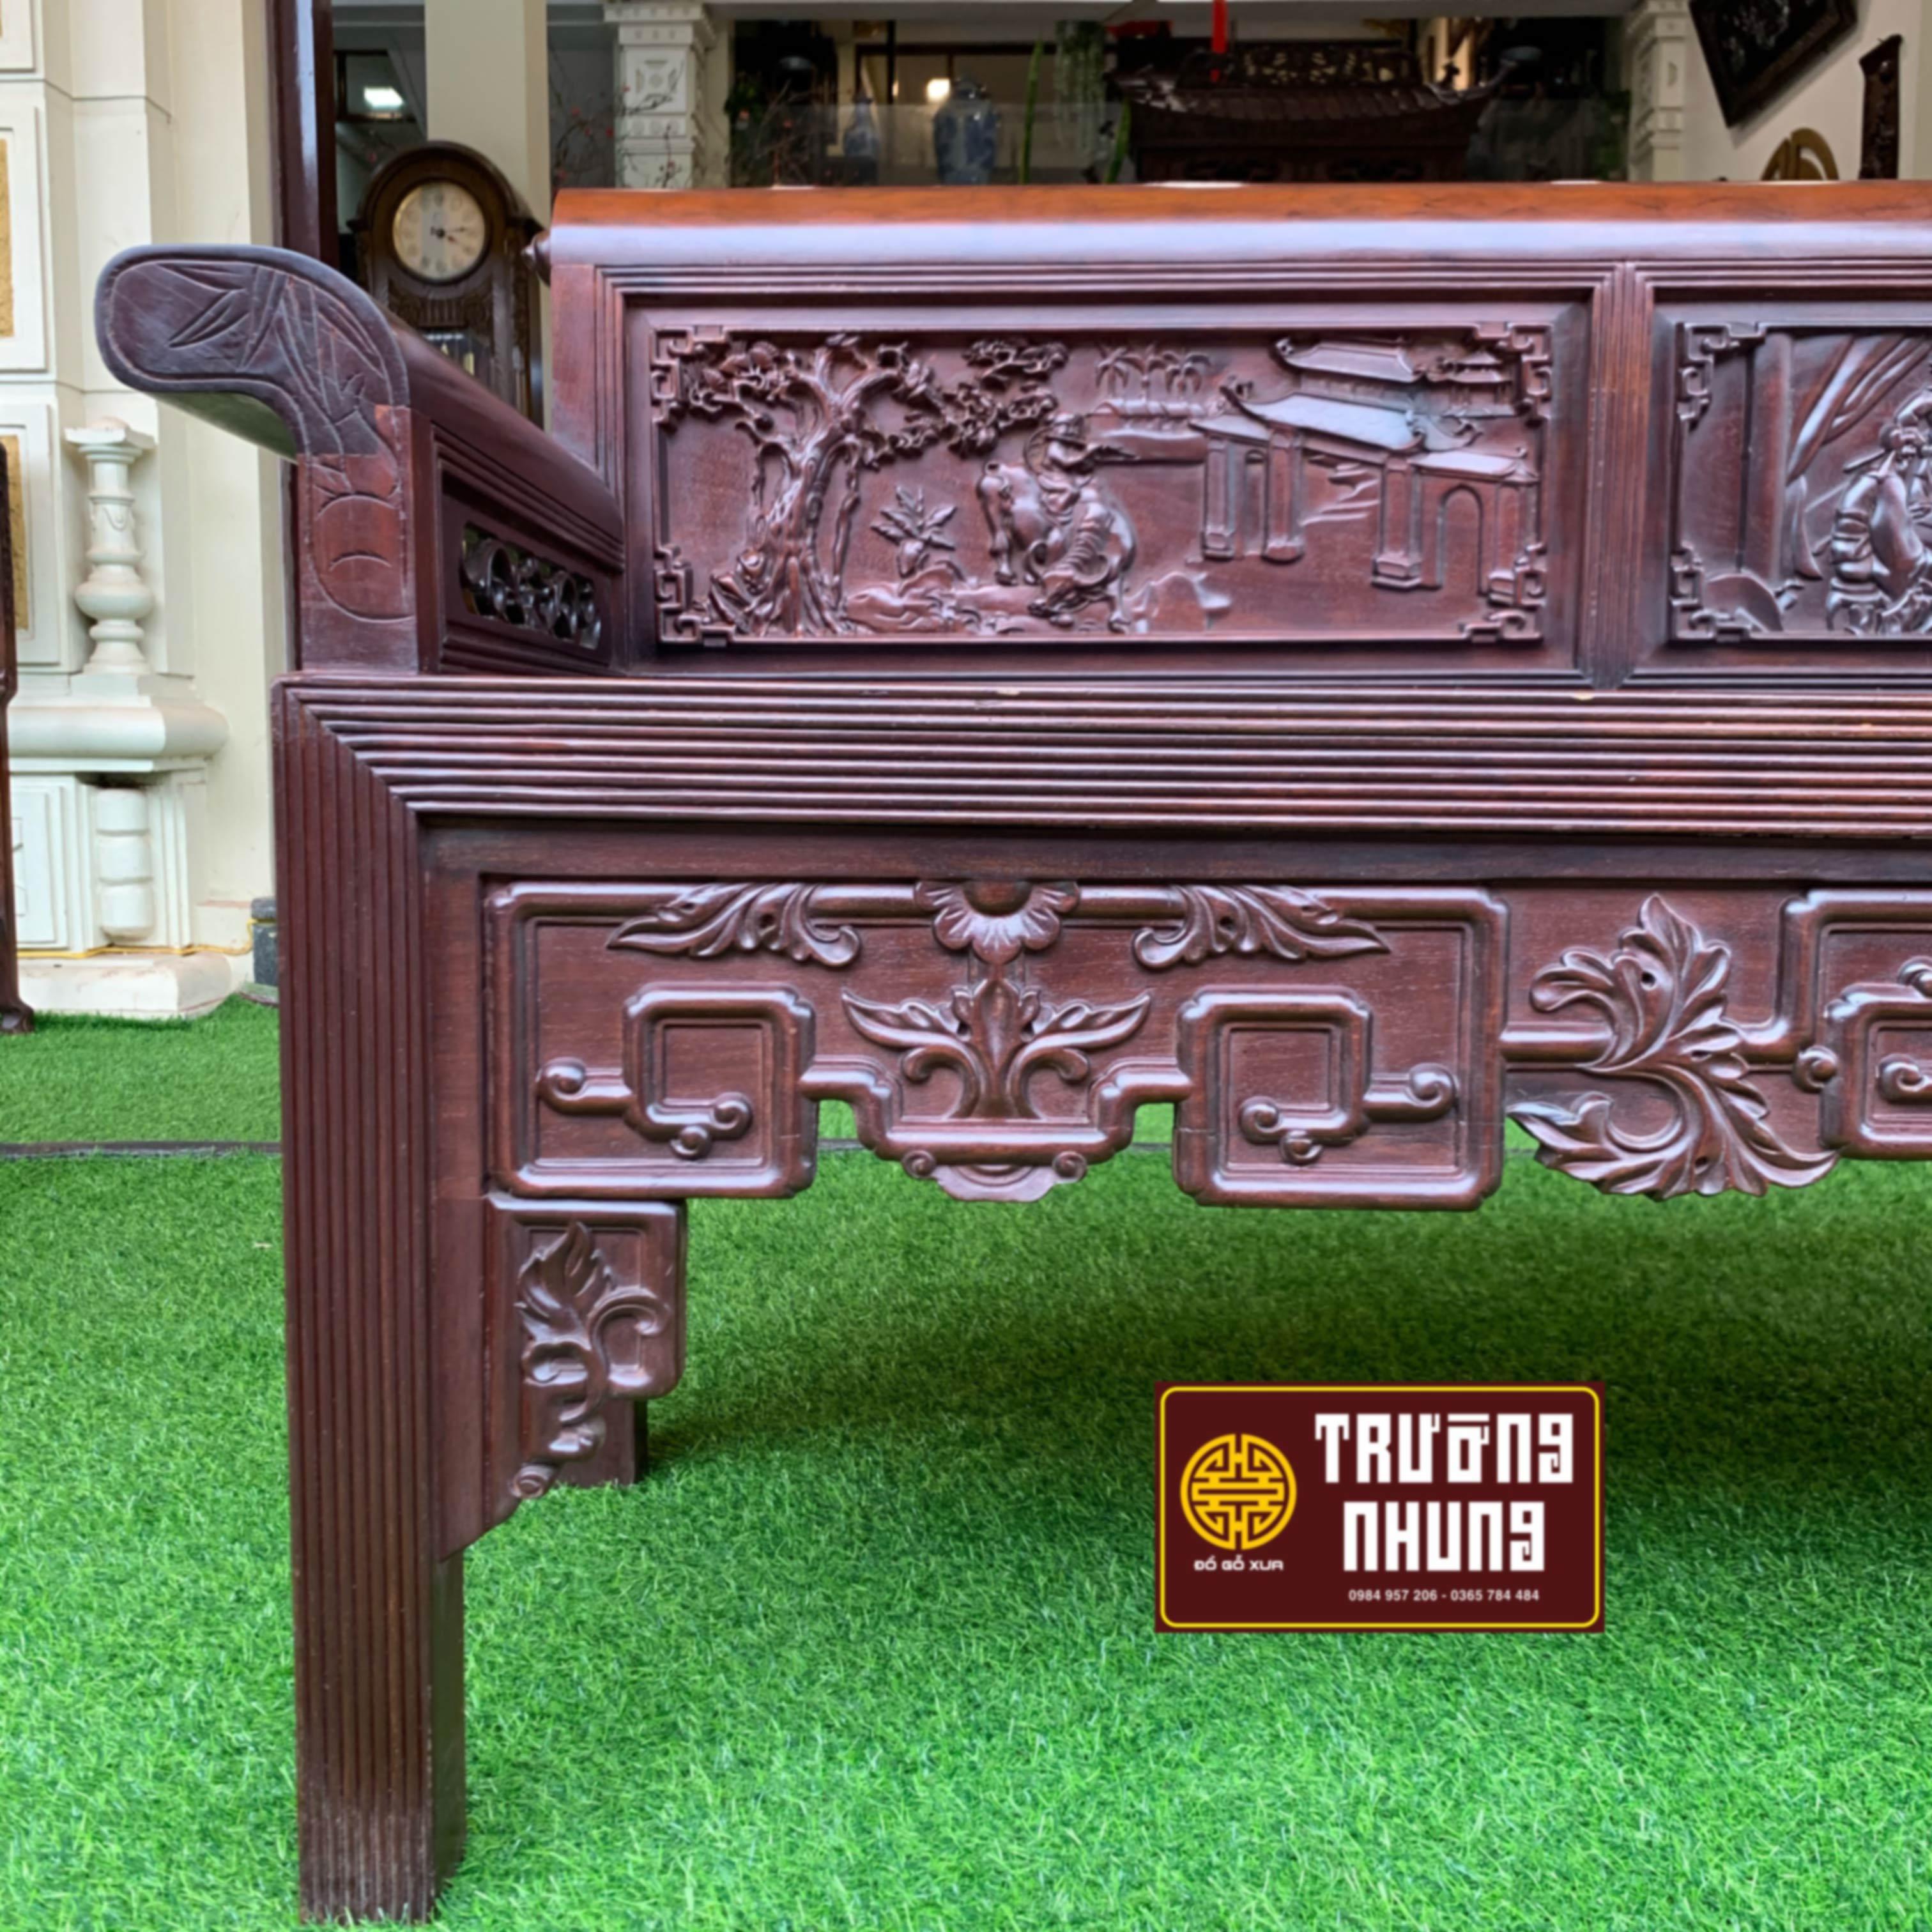 lô - cạnh -trường - kỷ - gỗ - gụ - quấn - lật - đẹp - nhất - ĐỒ - GỖ - XƯA - TRƯỜNG - NHUNG